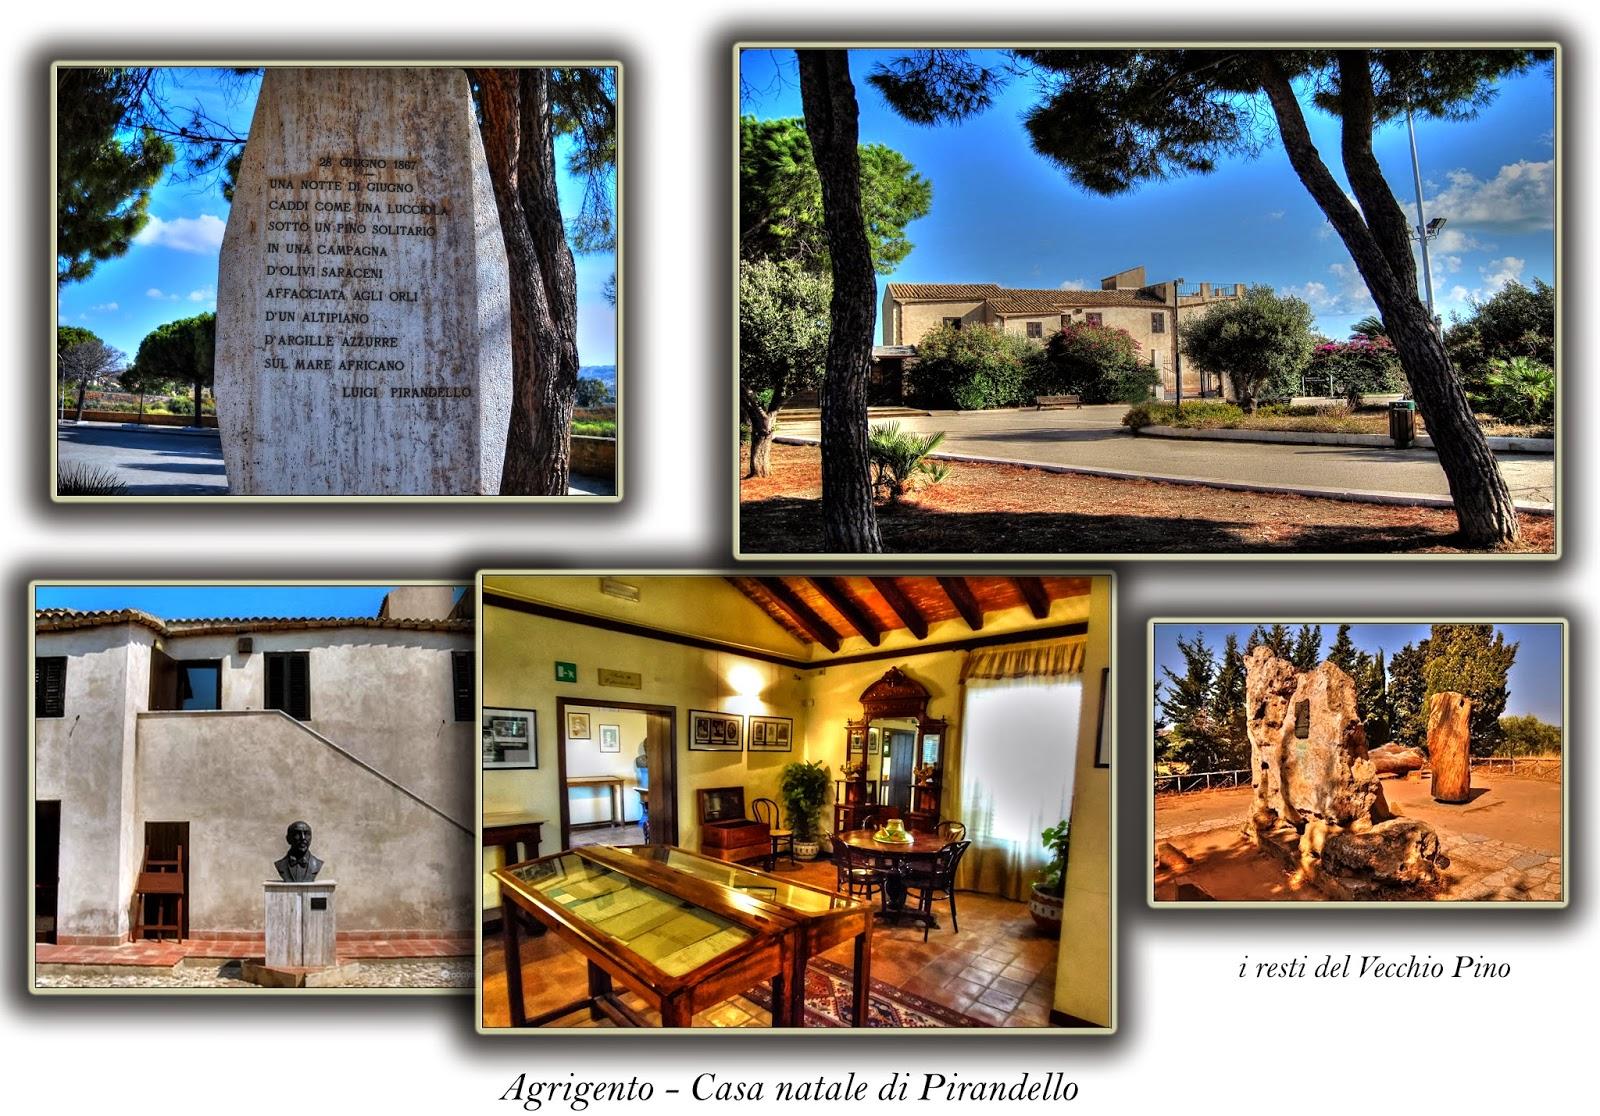 Agrigento - Casa natale di Pirandello